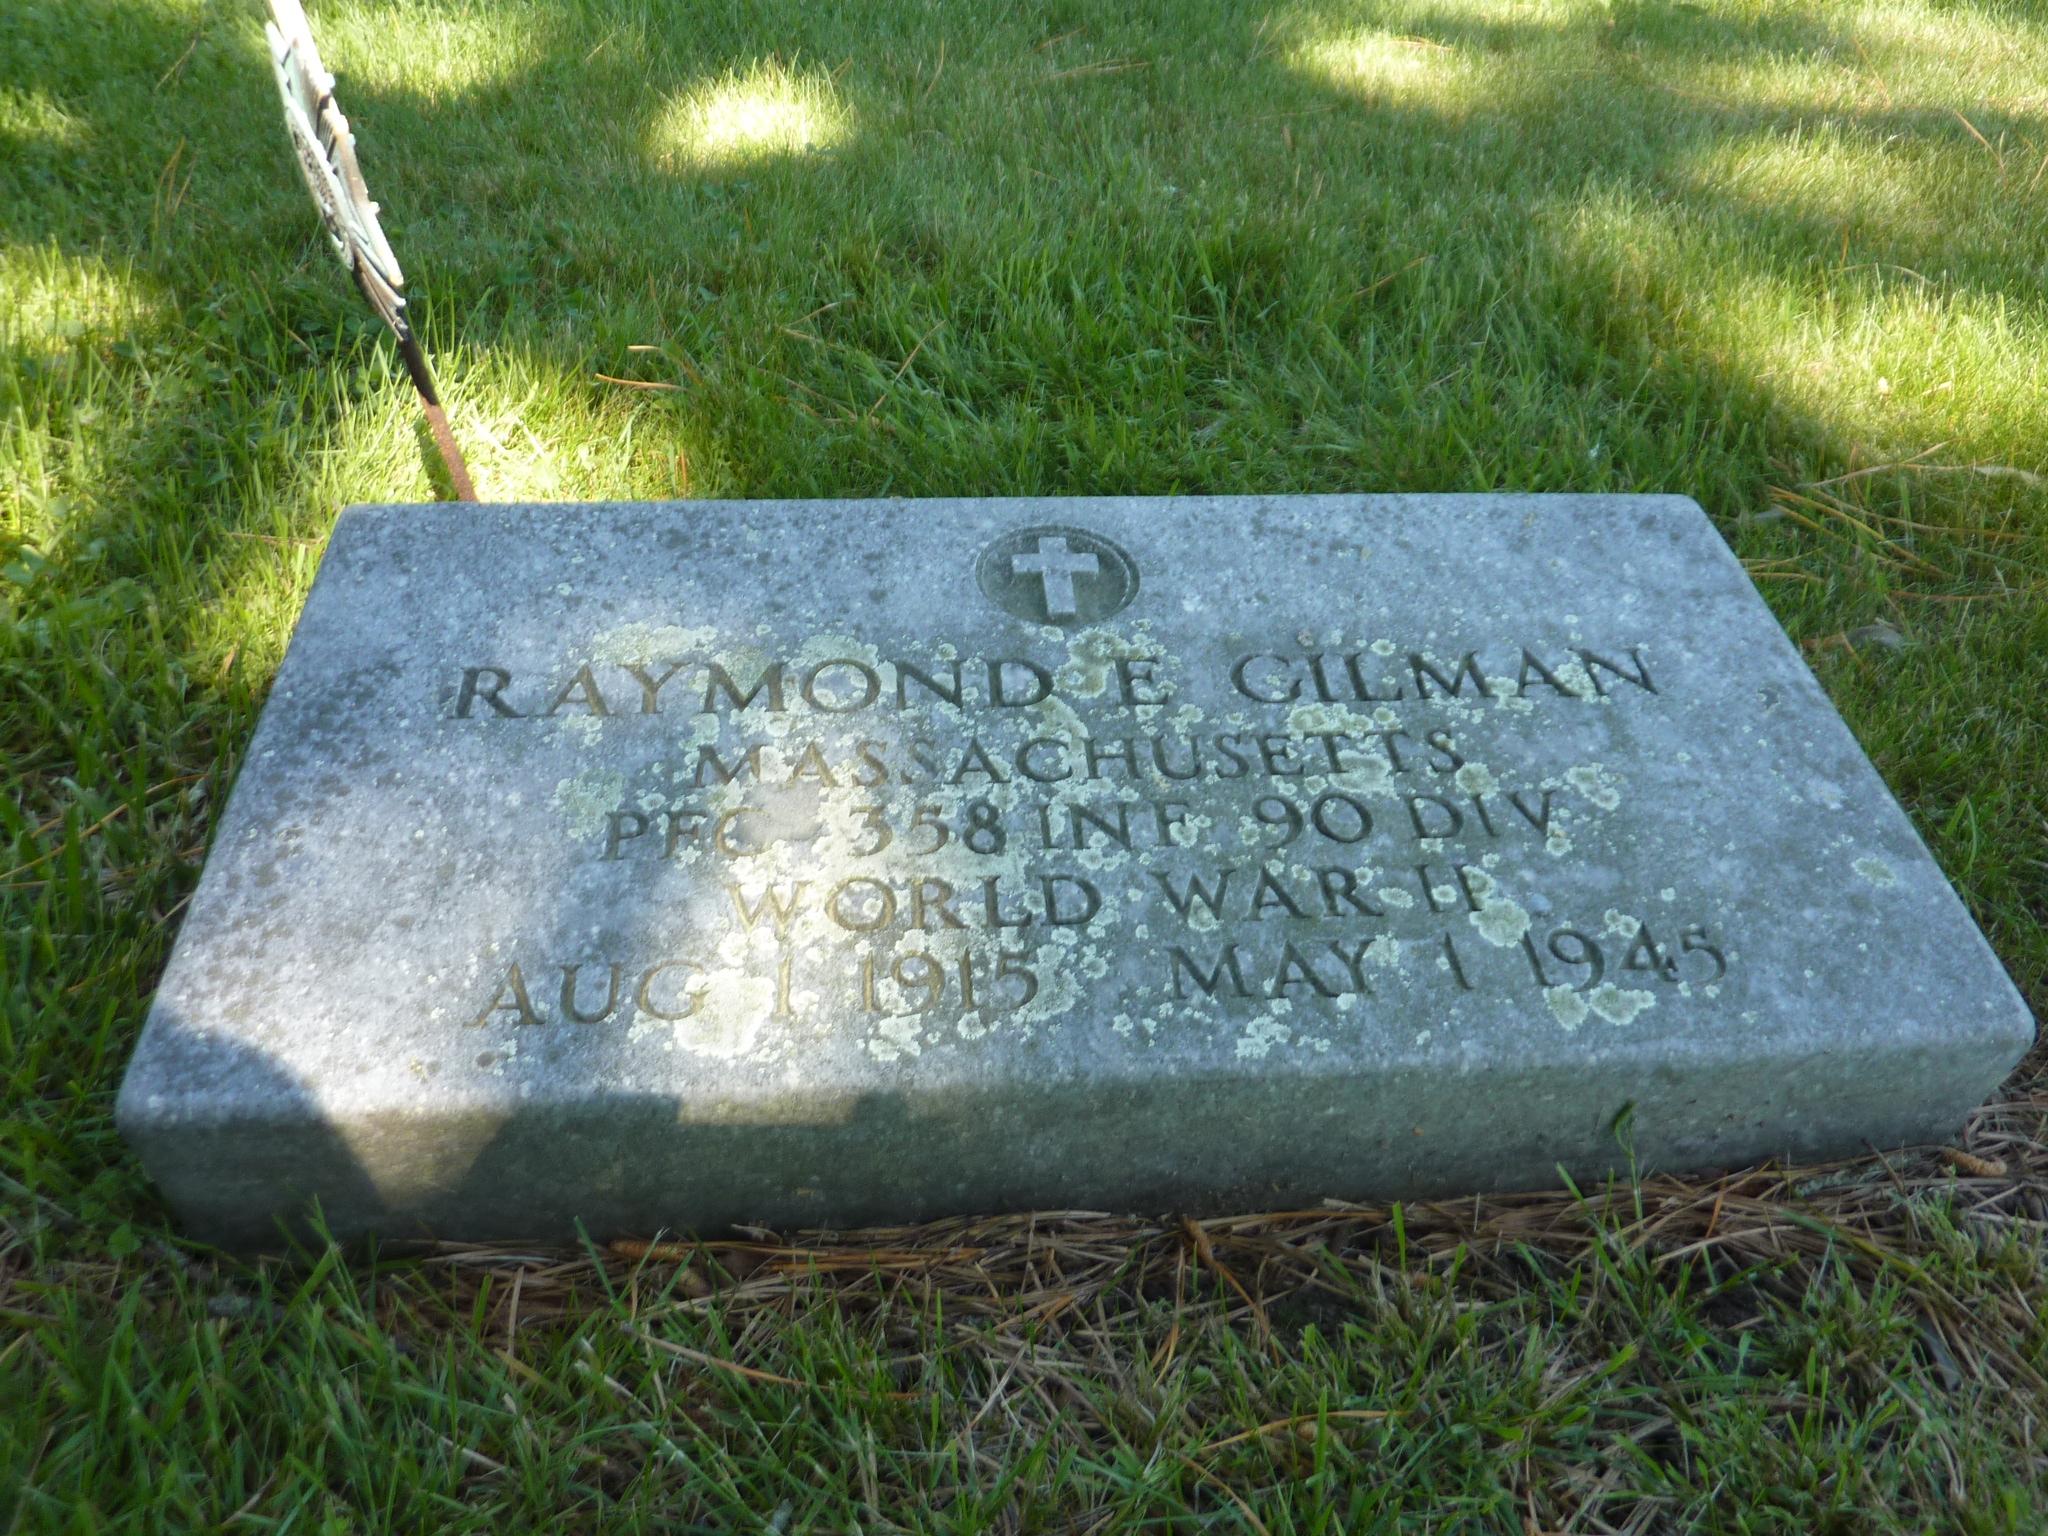 Raymond E Gilman Grave